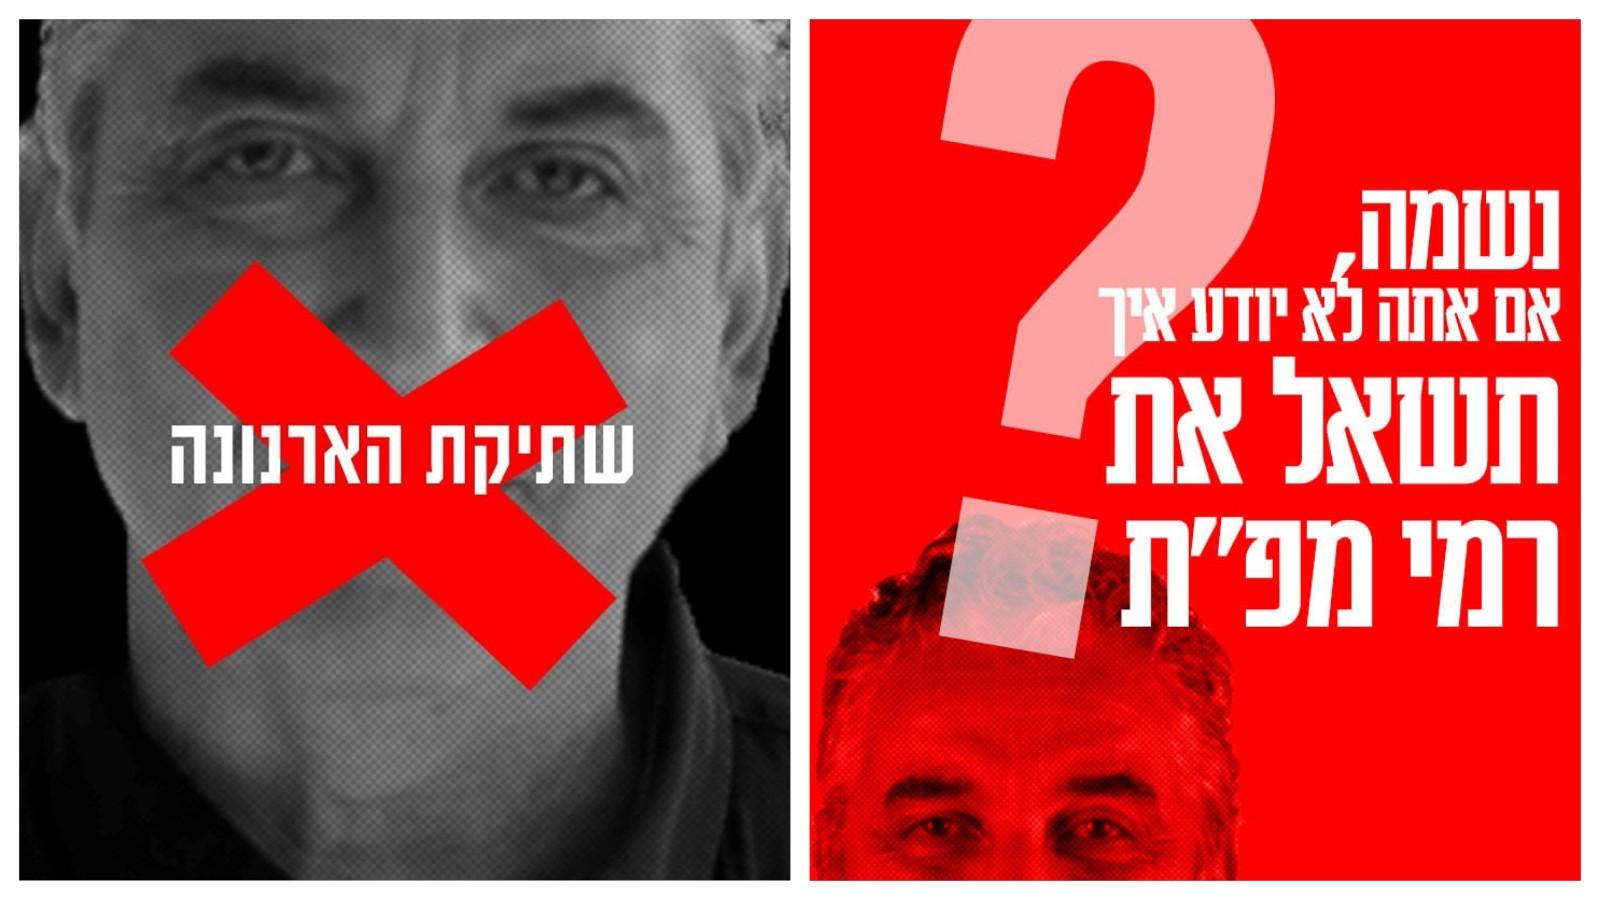 כרזות מחאת הארנונה. קרדיט: שחר אריאל